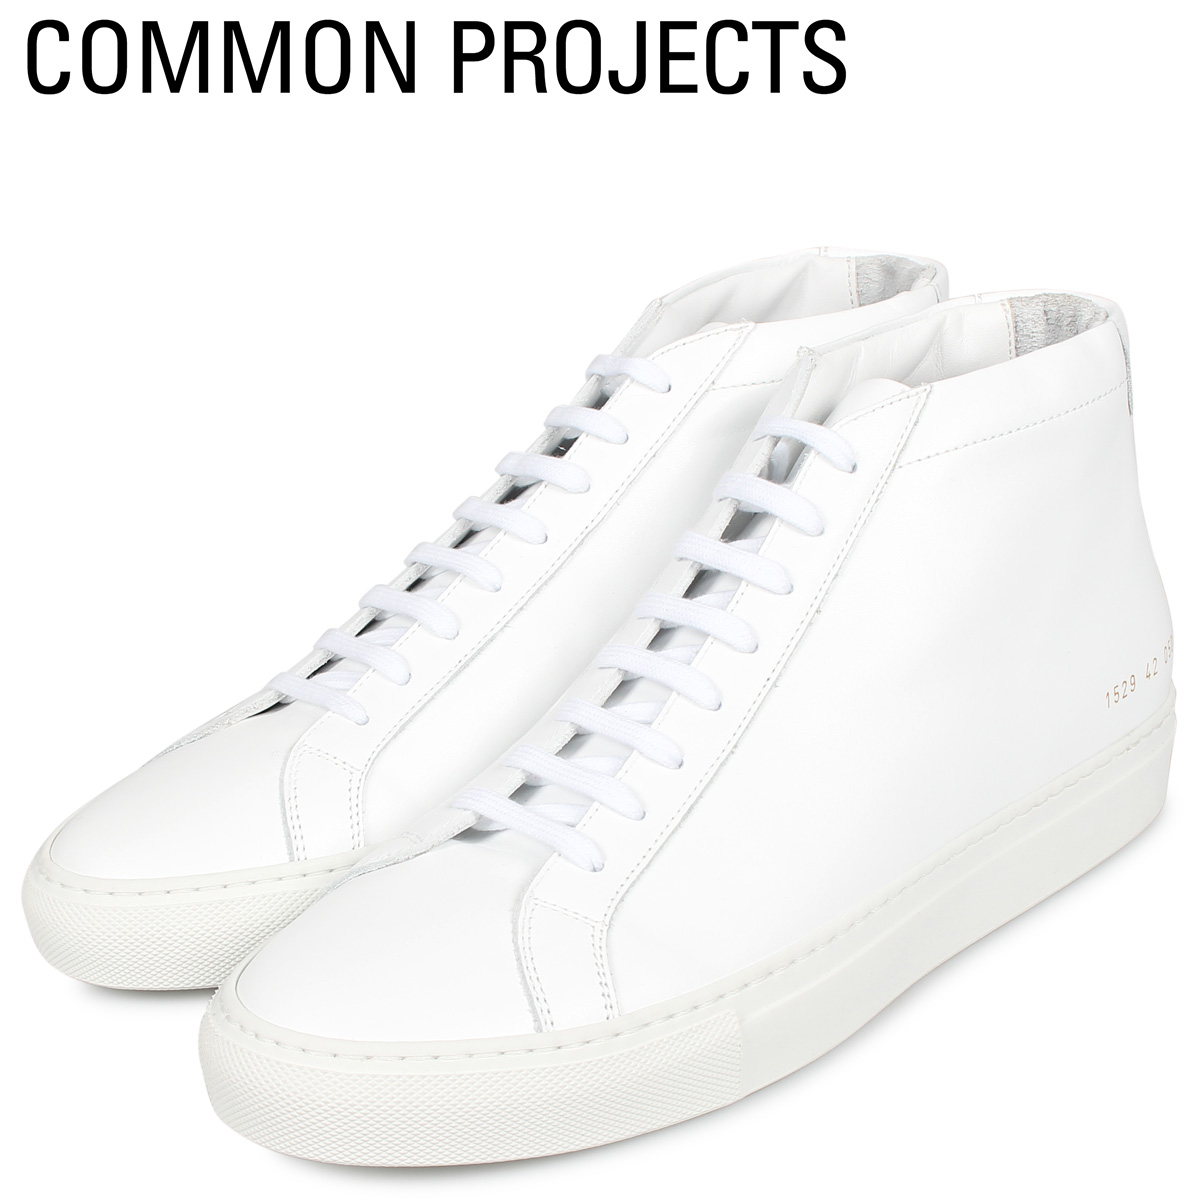 Common Projects コモンプロジェクト アキレス ミッド スニーカー メンズ ACHILLES MID ホワイト 白 1529-0506